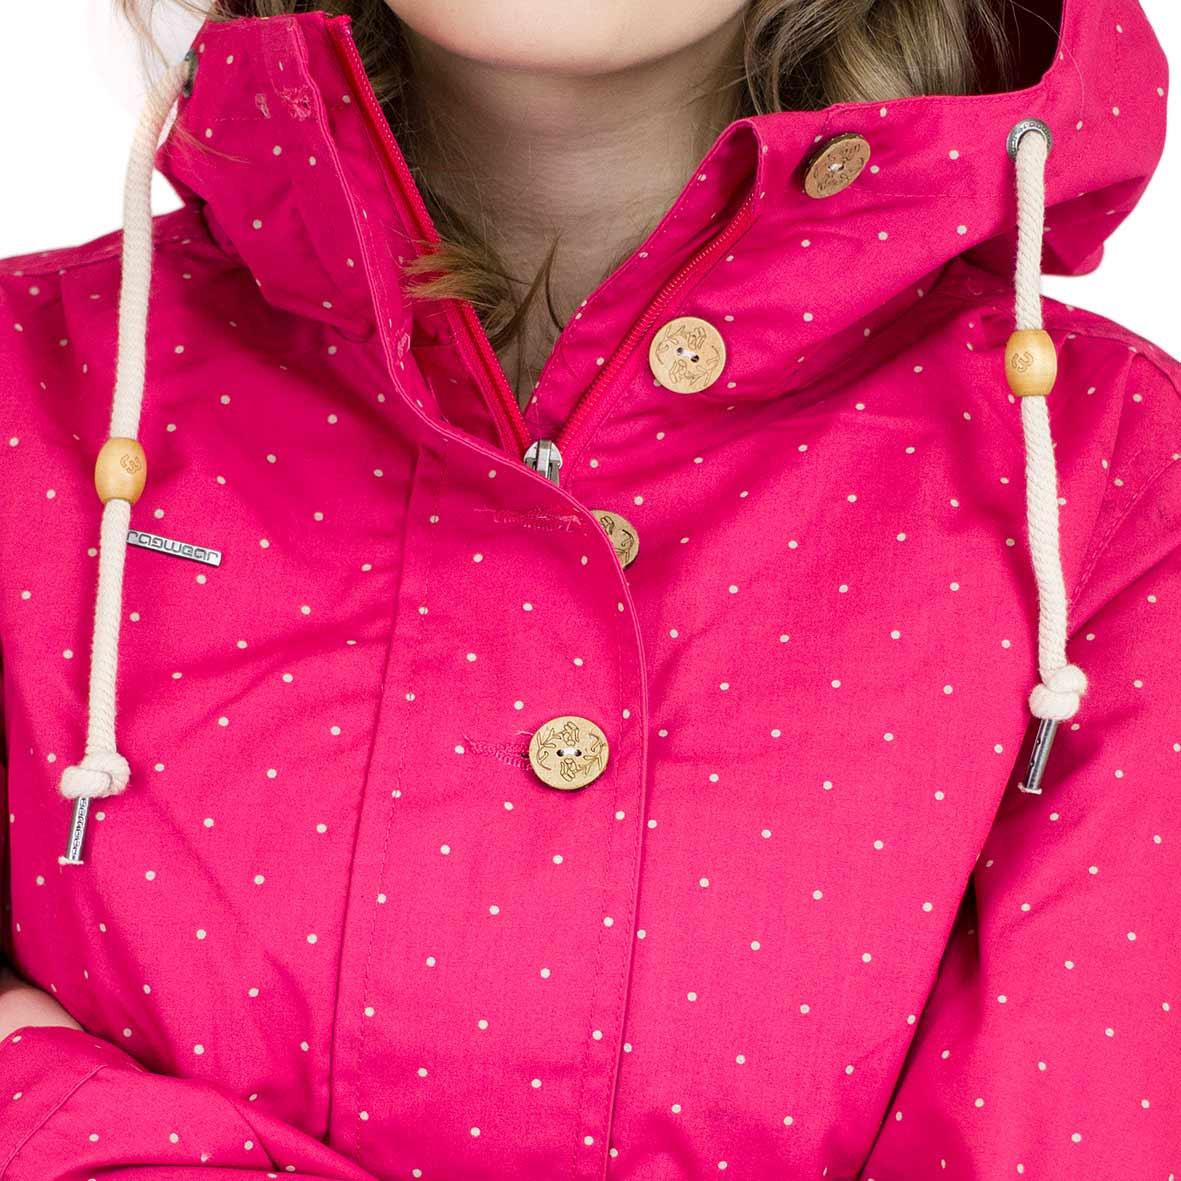 ☆ Ragwear Damen Übergangsjacke Lynx Dots pink hier bestellen!